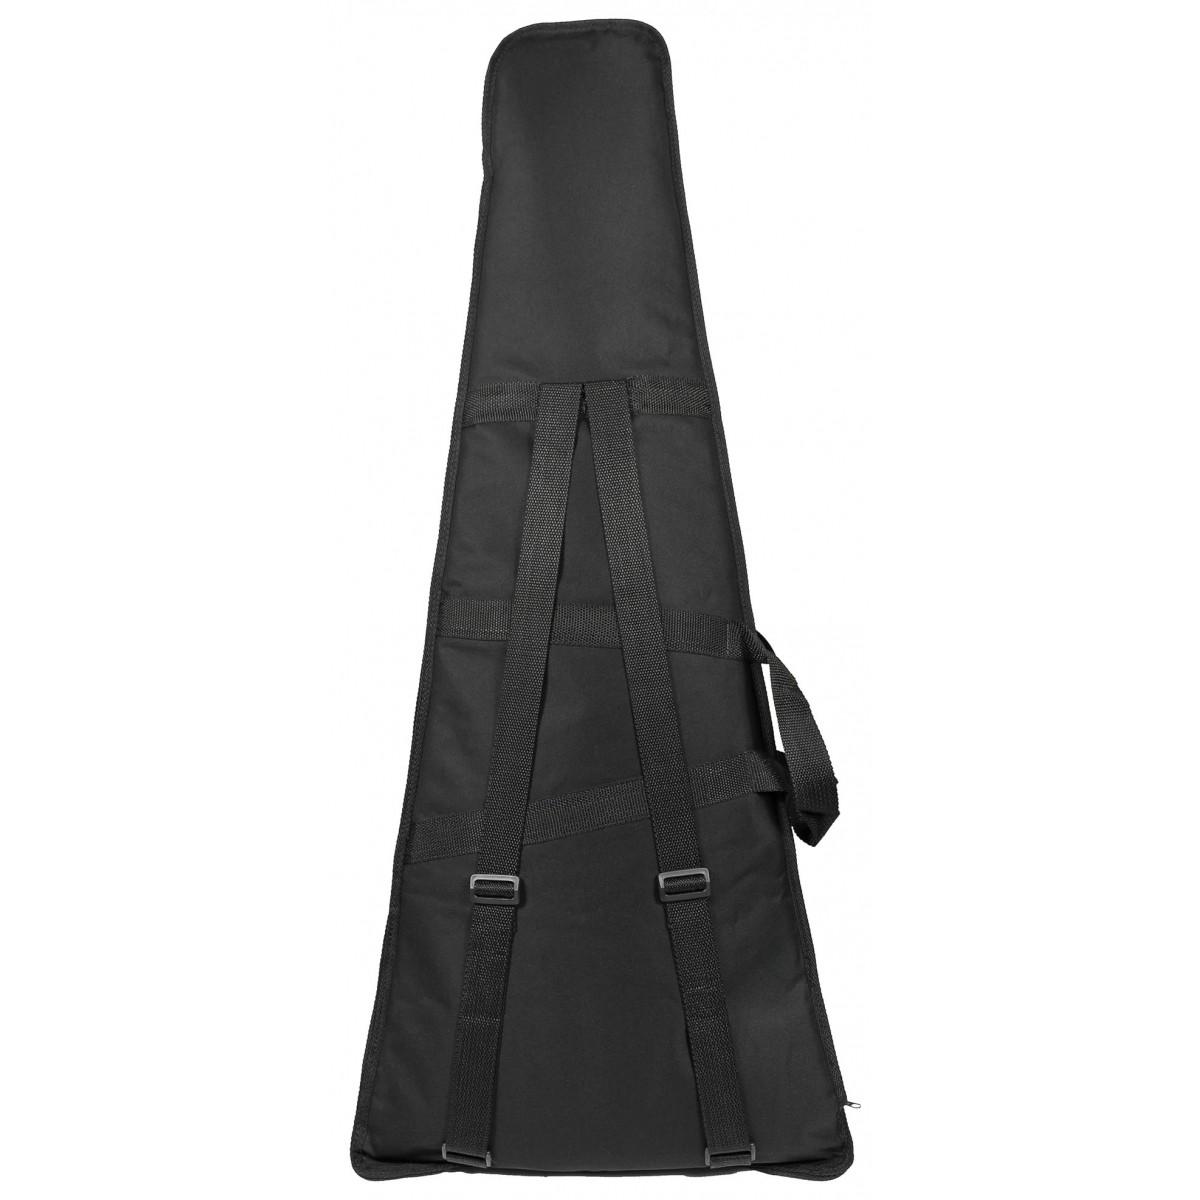 Capa Guitarra Soft Case Start Almofadada - Rosa